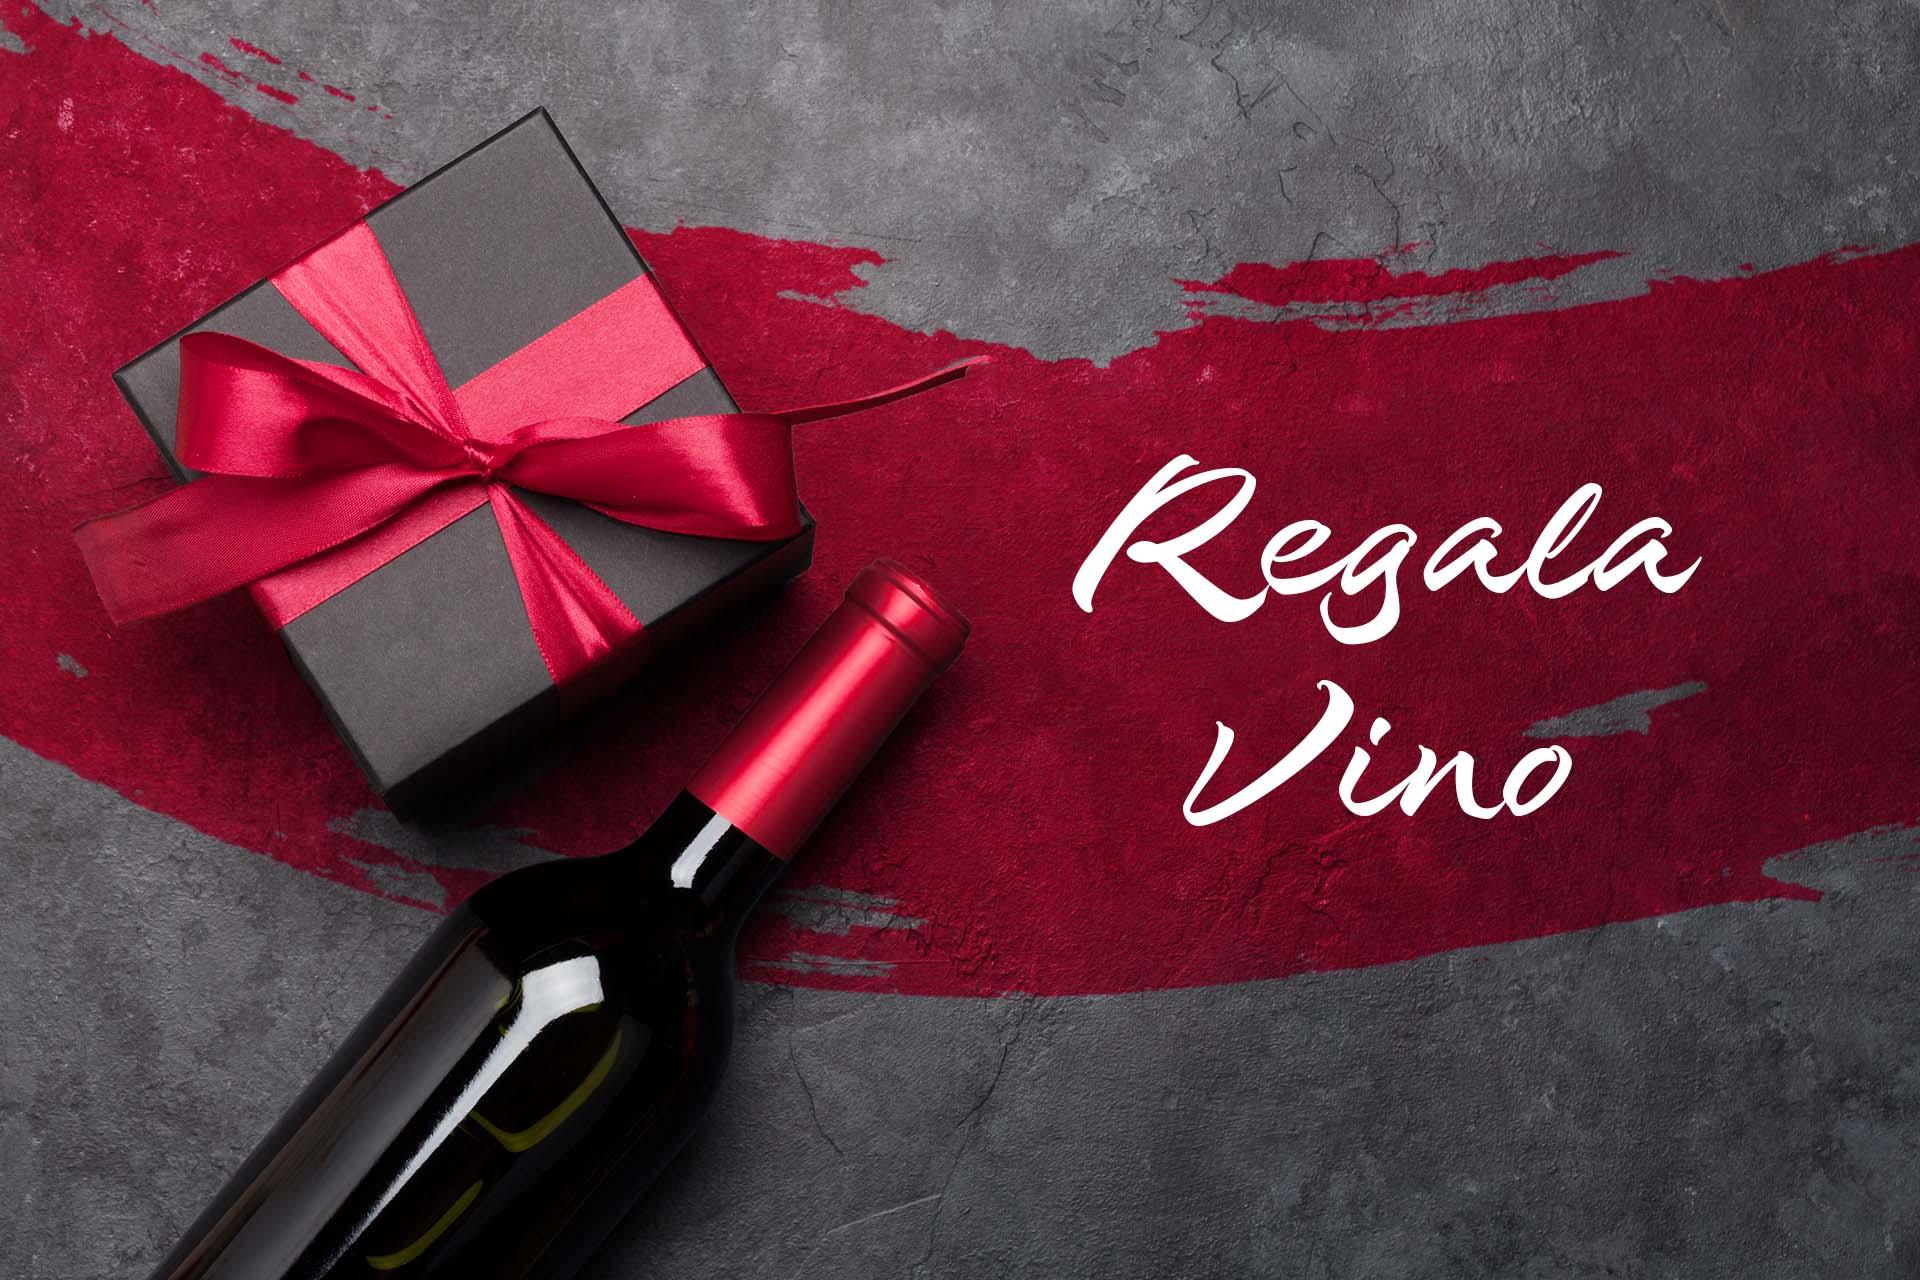 Regala vino